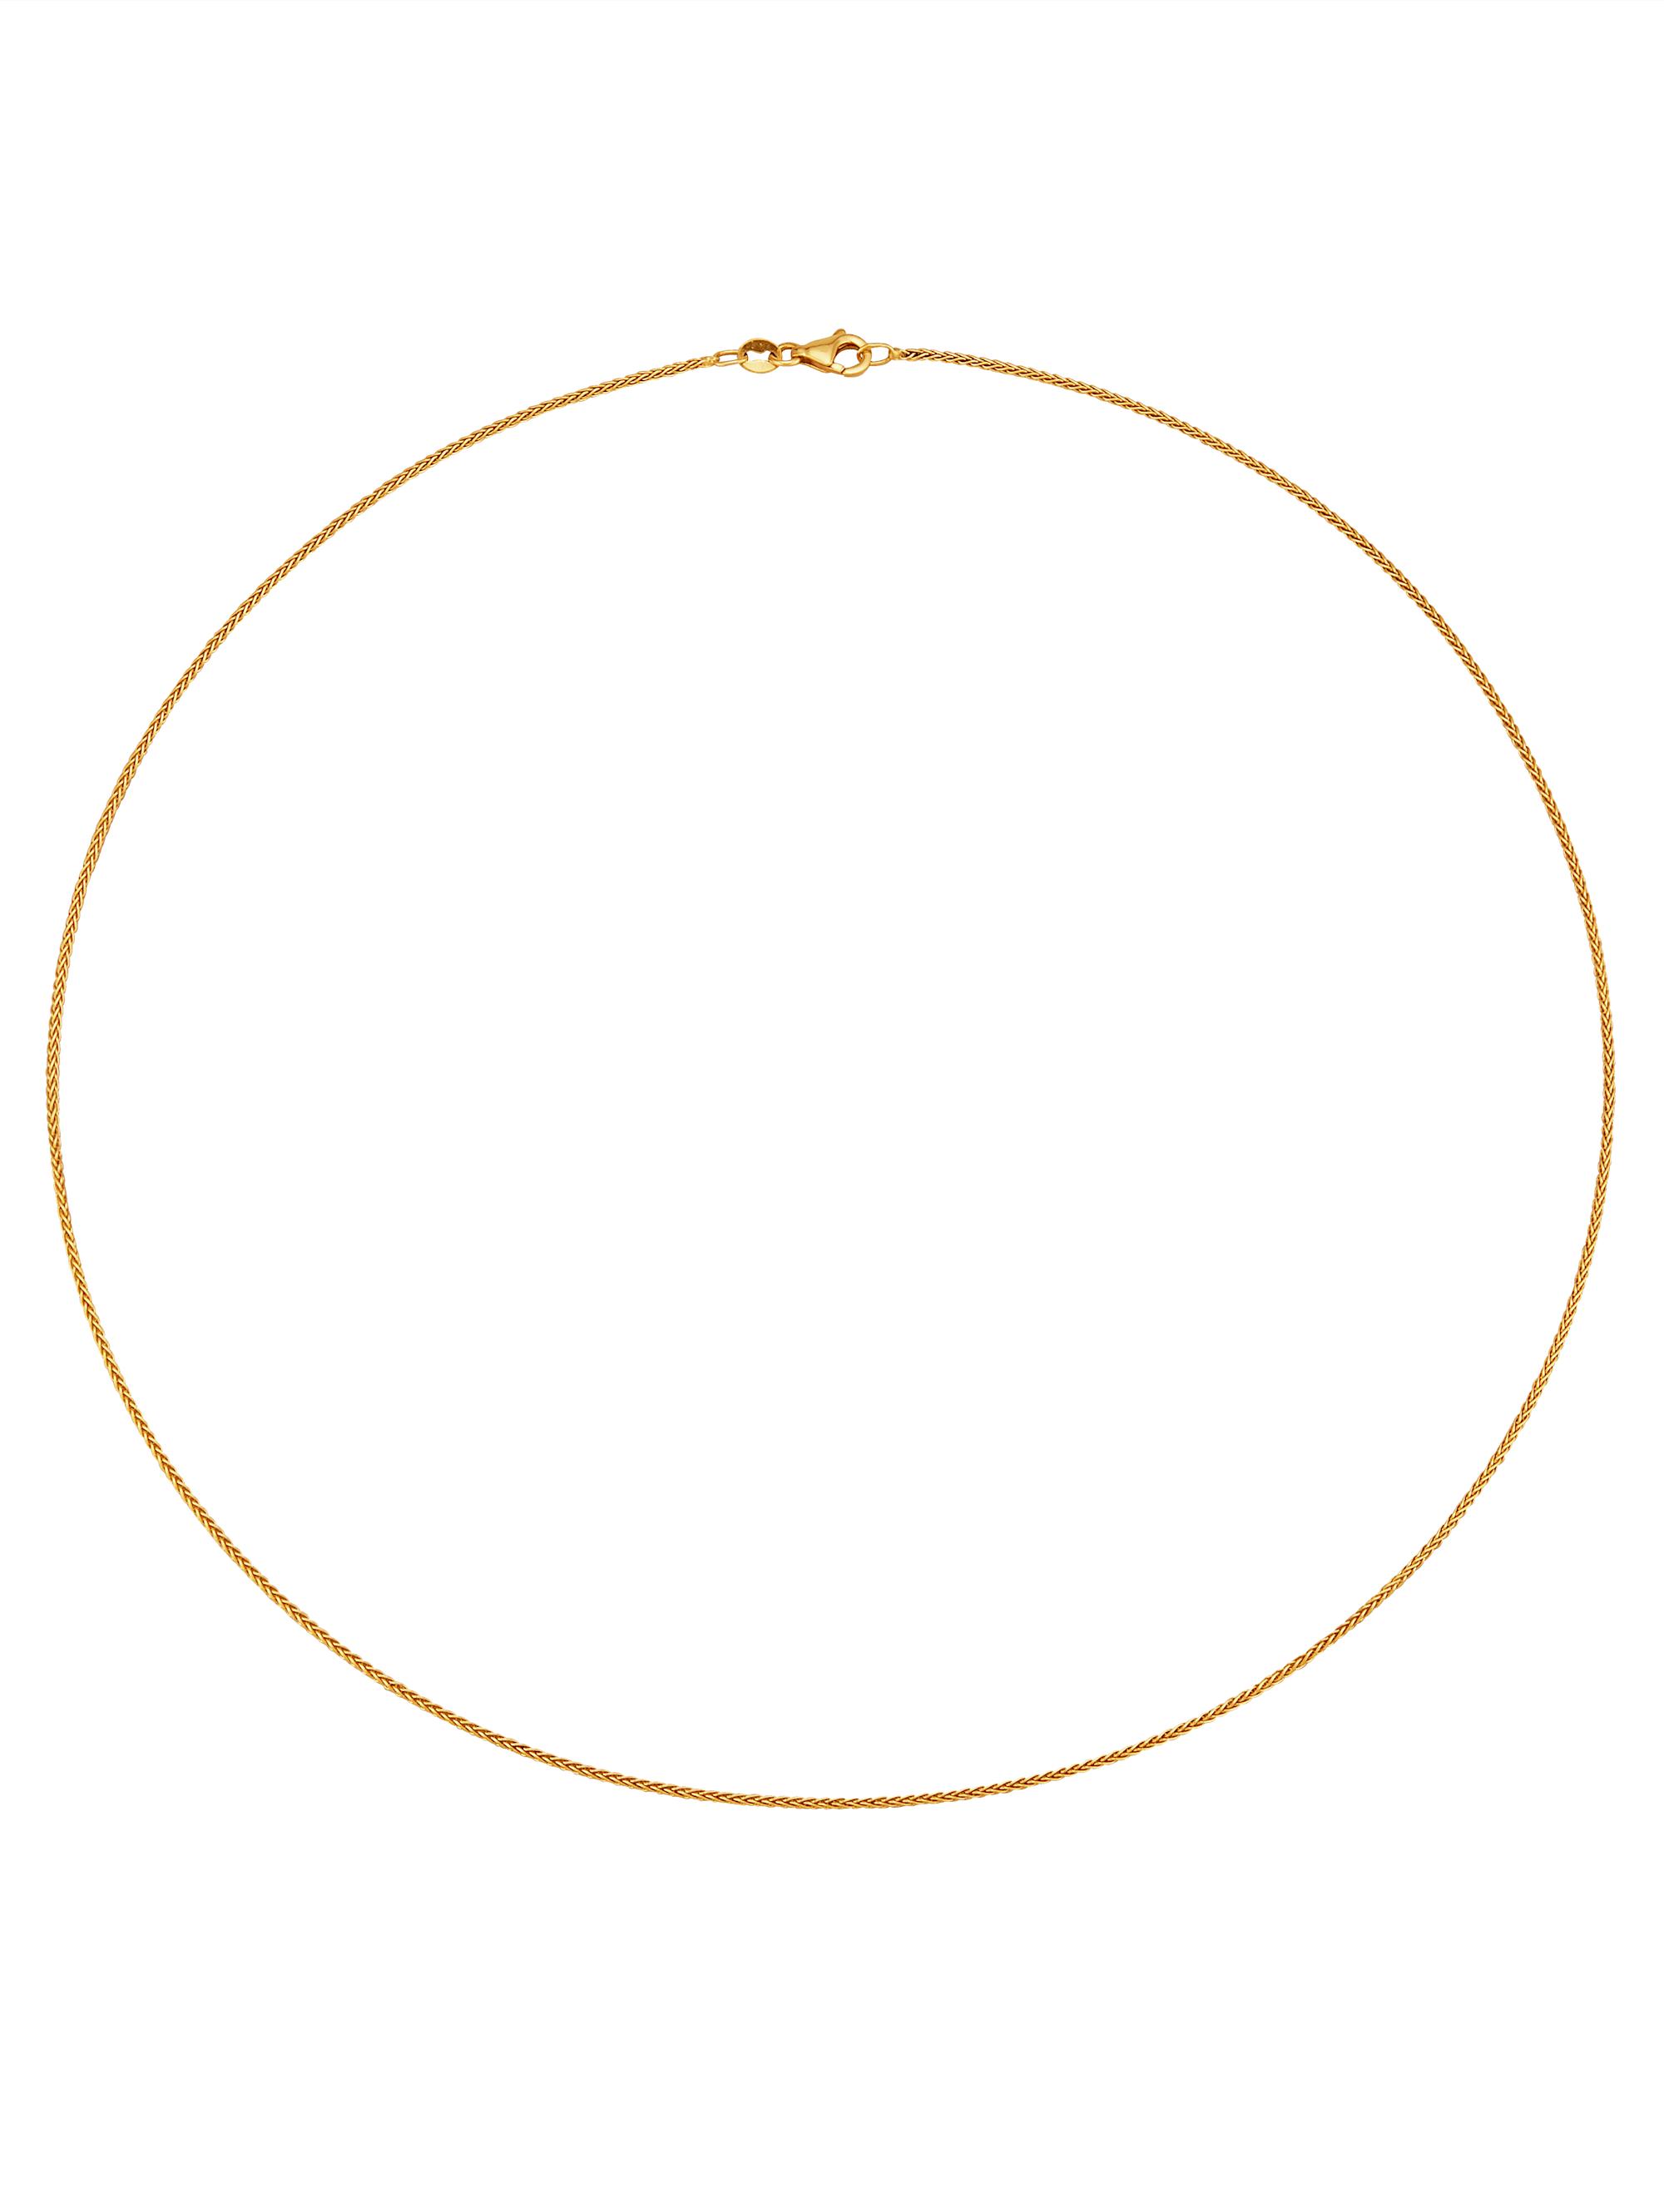 Diemer Gold Zopfkette in Gelbgold 585 yFtlt